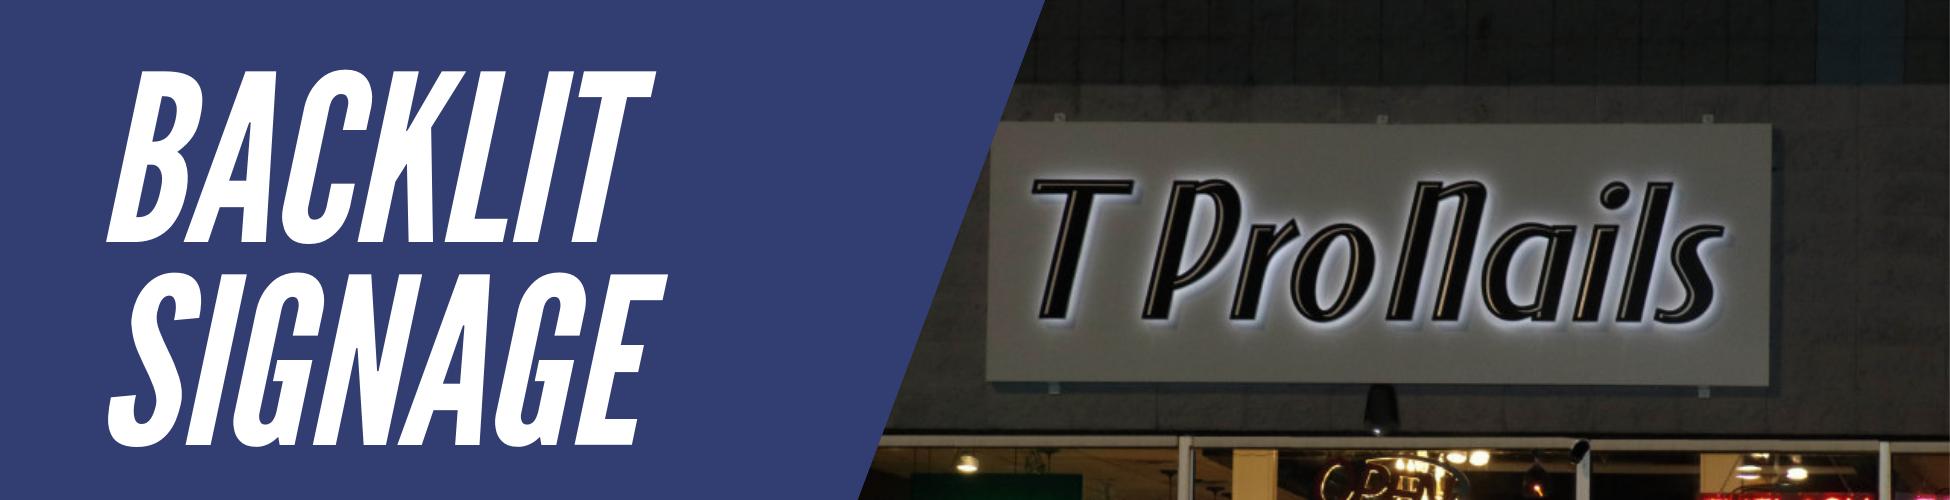 backlit-signage-banner-v3.png